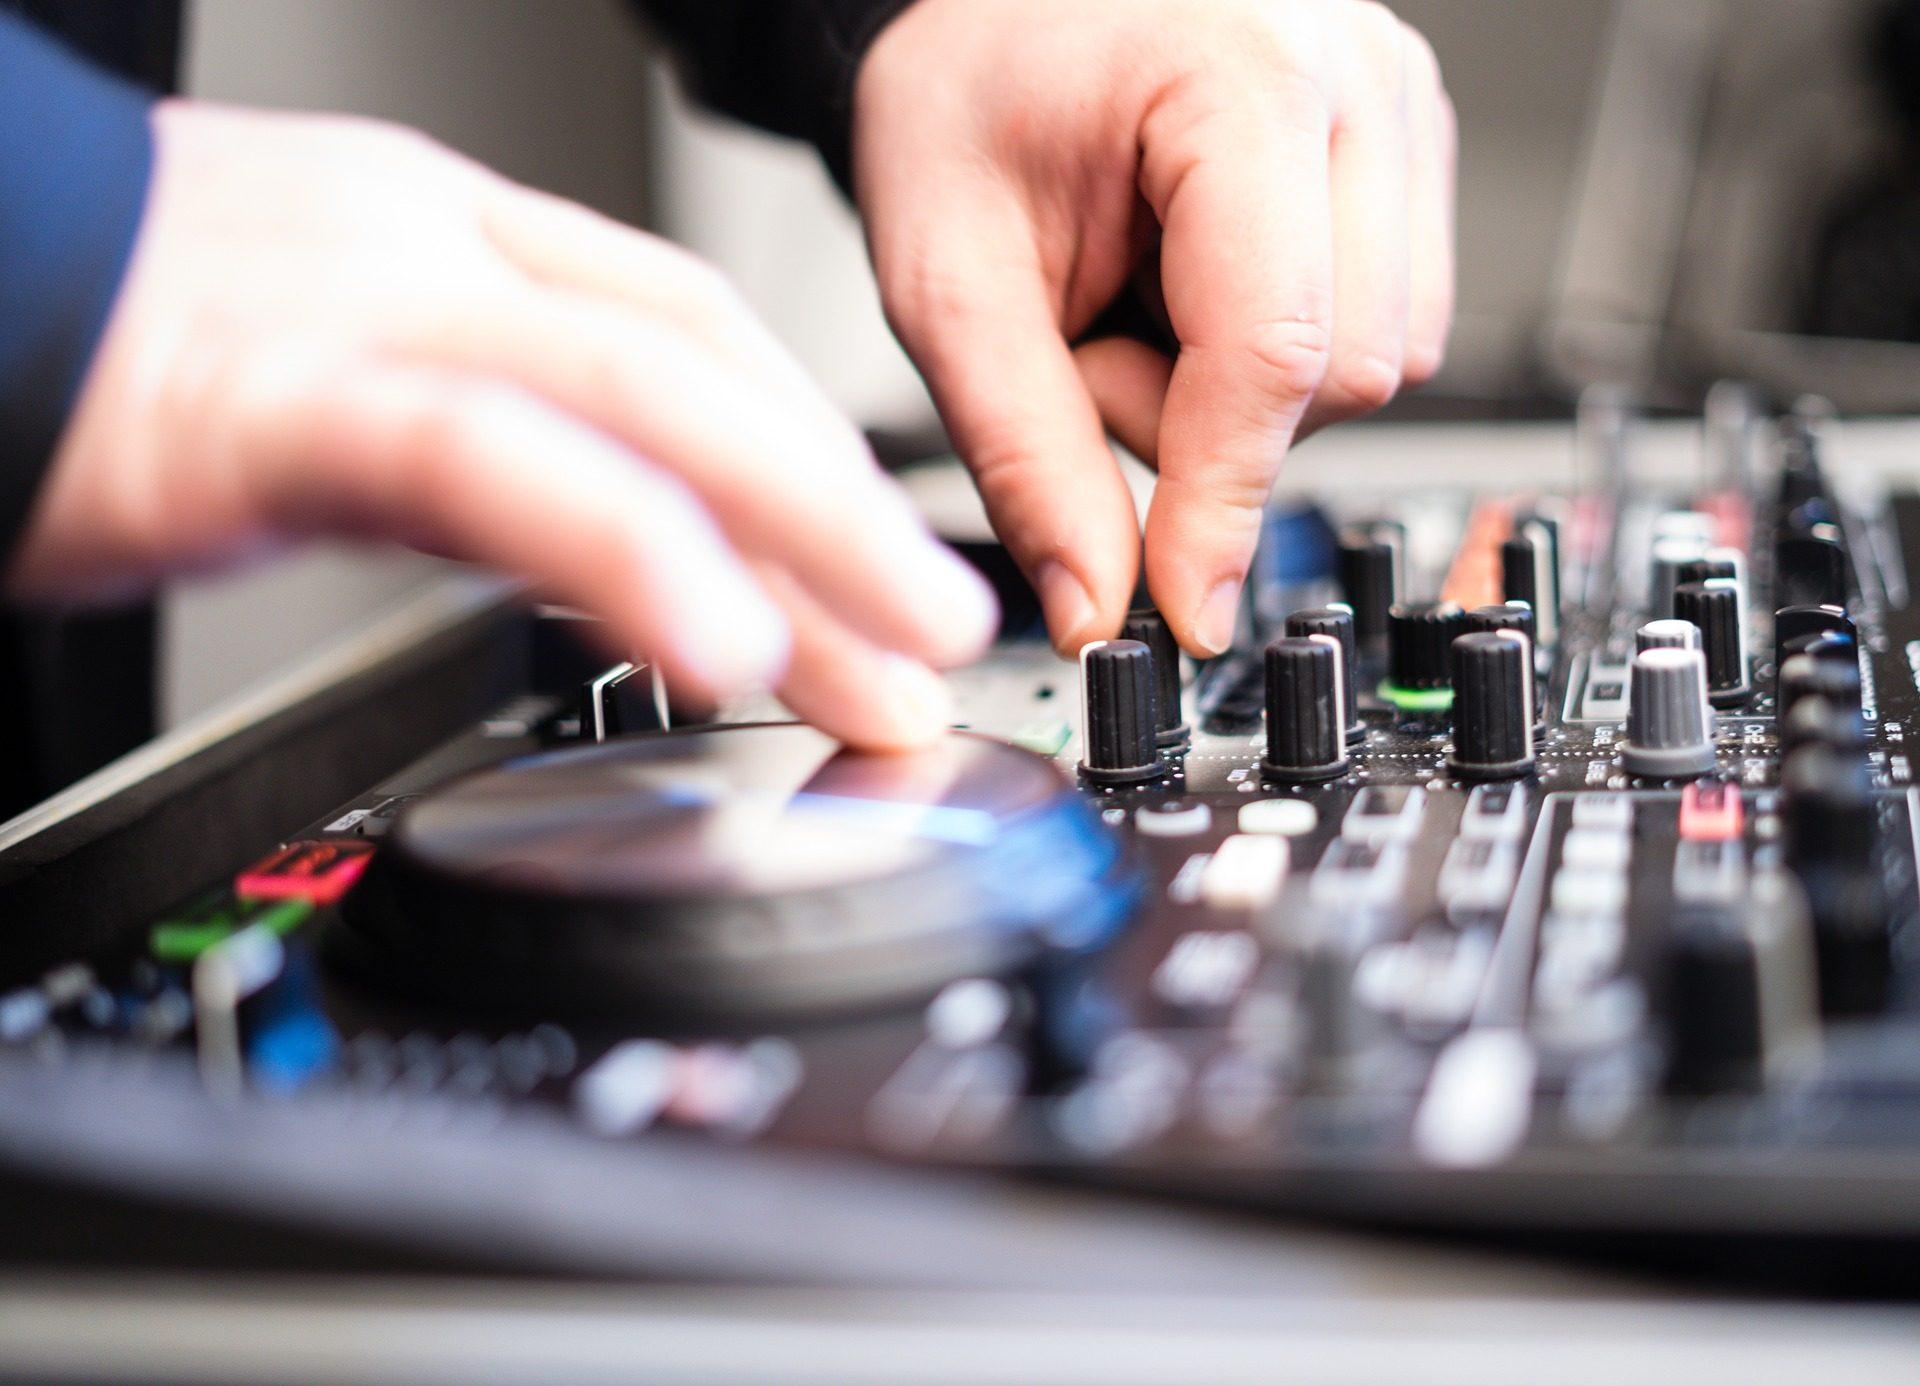 テーブル, 混合物, 手, DJ, ボタン, ホイール - HD の壁紙 - 教授-falken.com